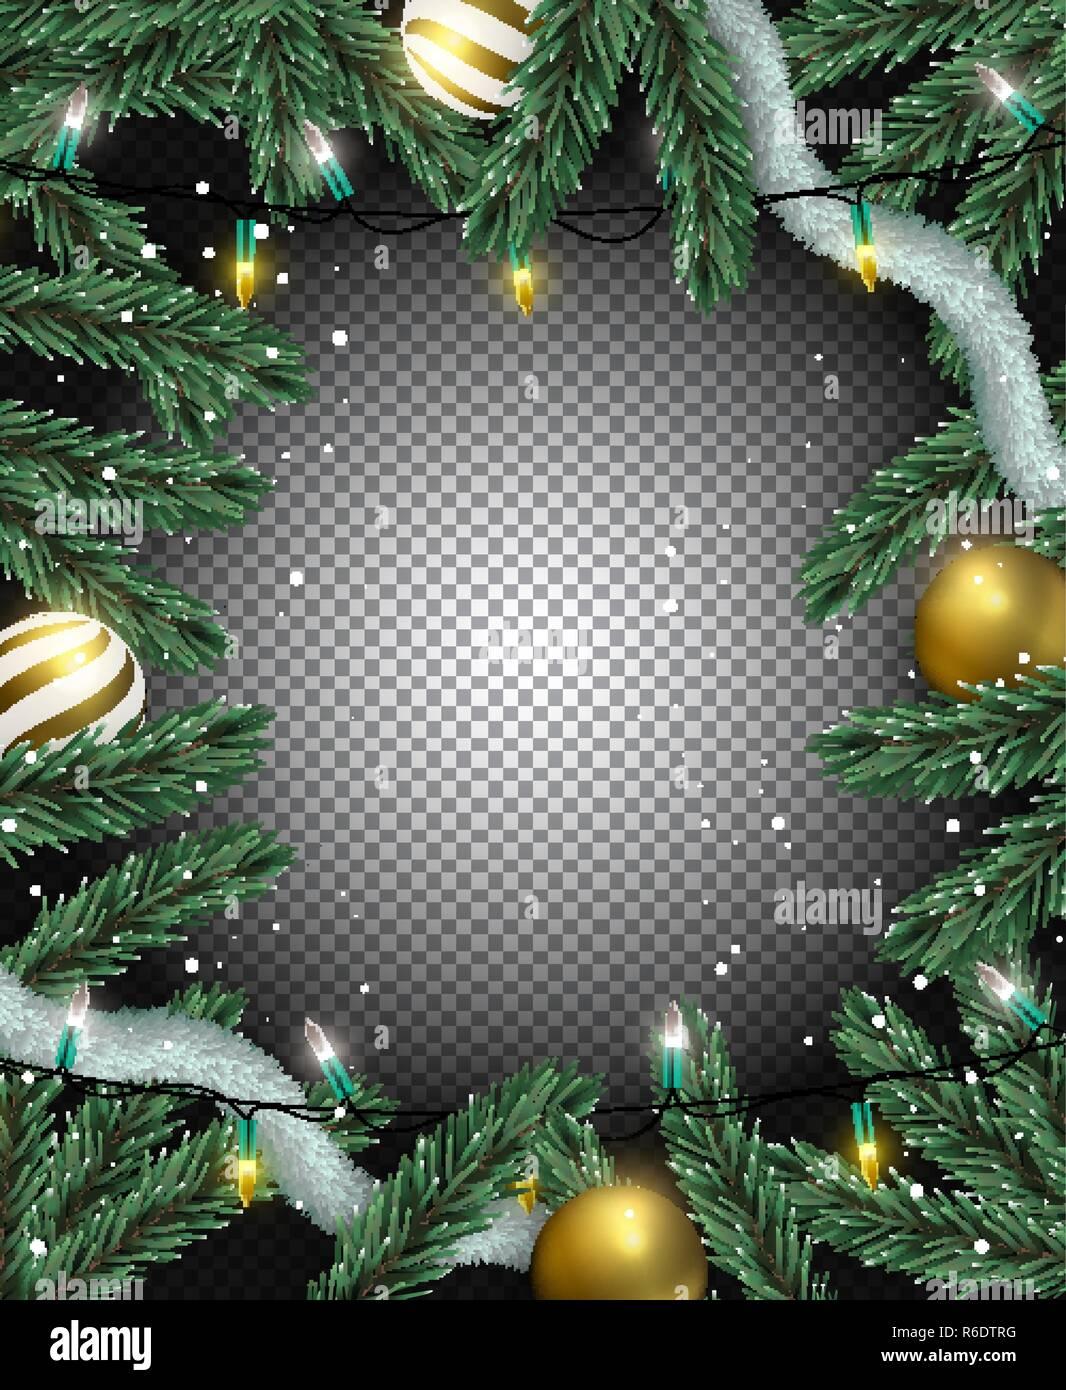 3d Weihnachtsbeleuchtung.Transparente Weihnachten Hintergrund Gold Christbaumkugel Ornamente